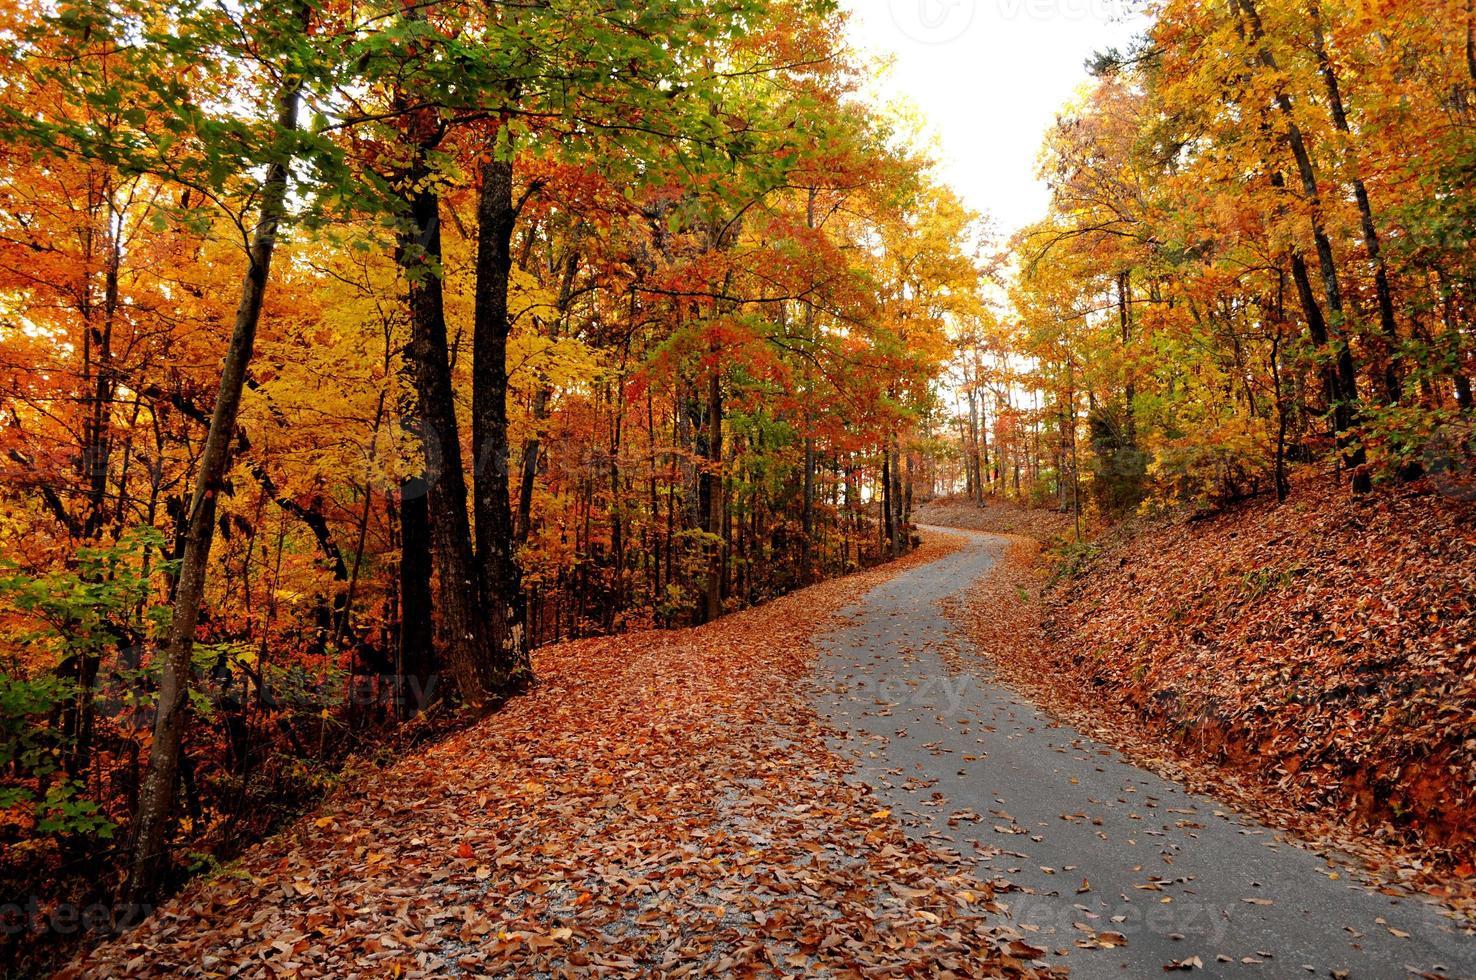 herfstkleuren met bladeren op een bergweg foto